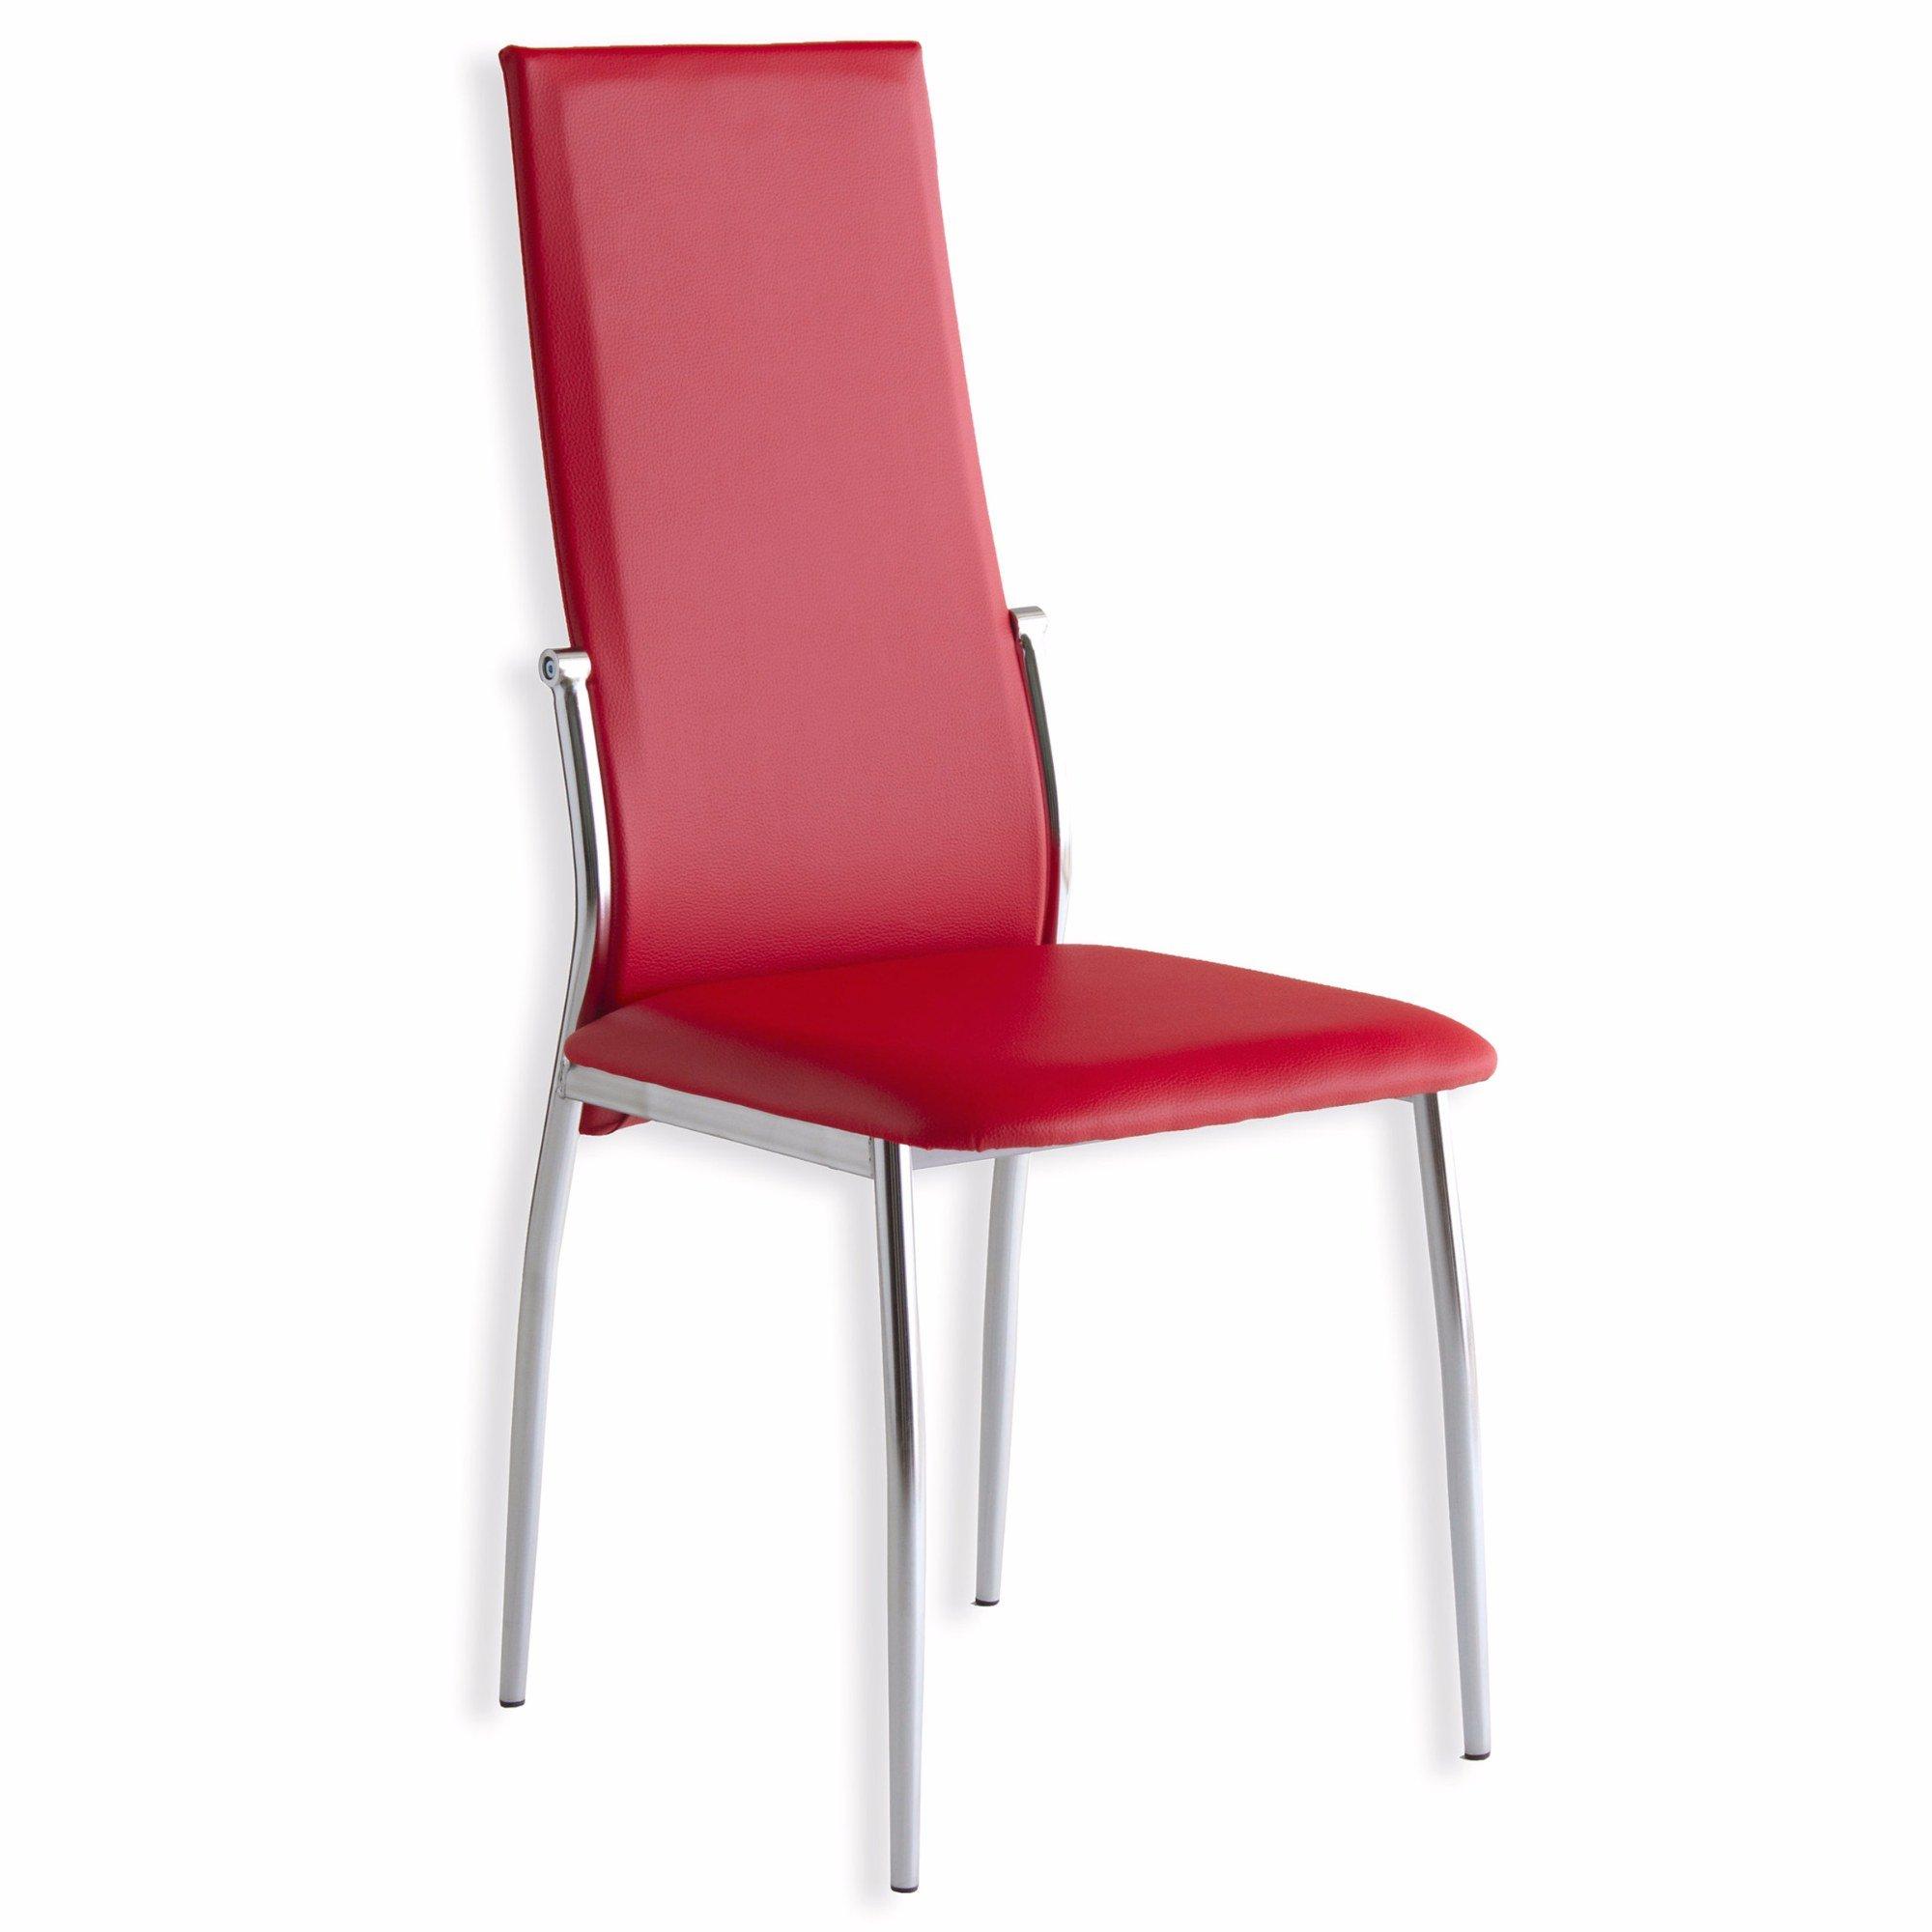 chaise doris rouge